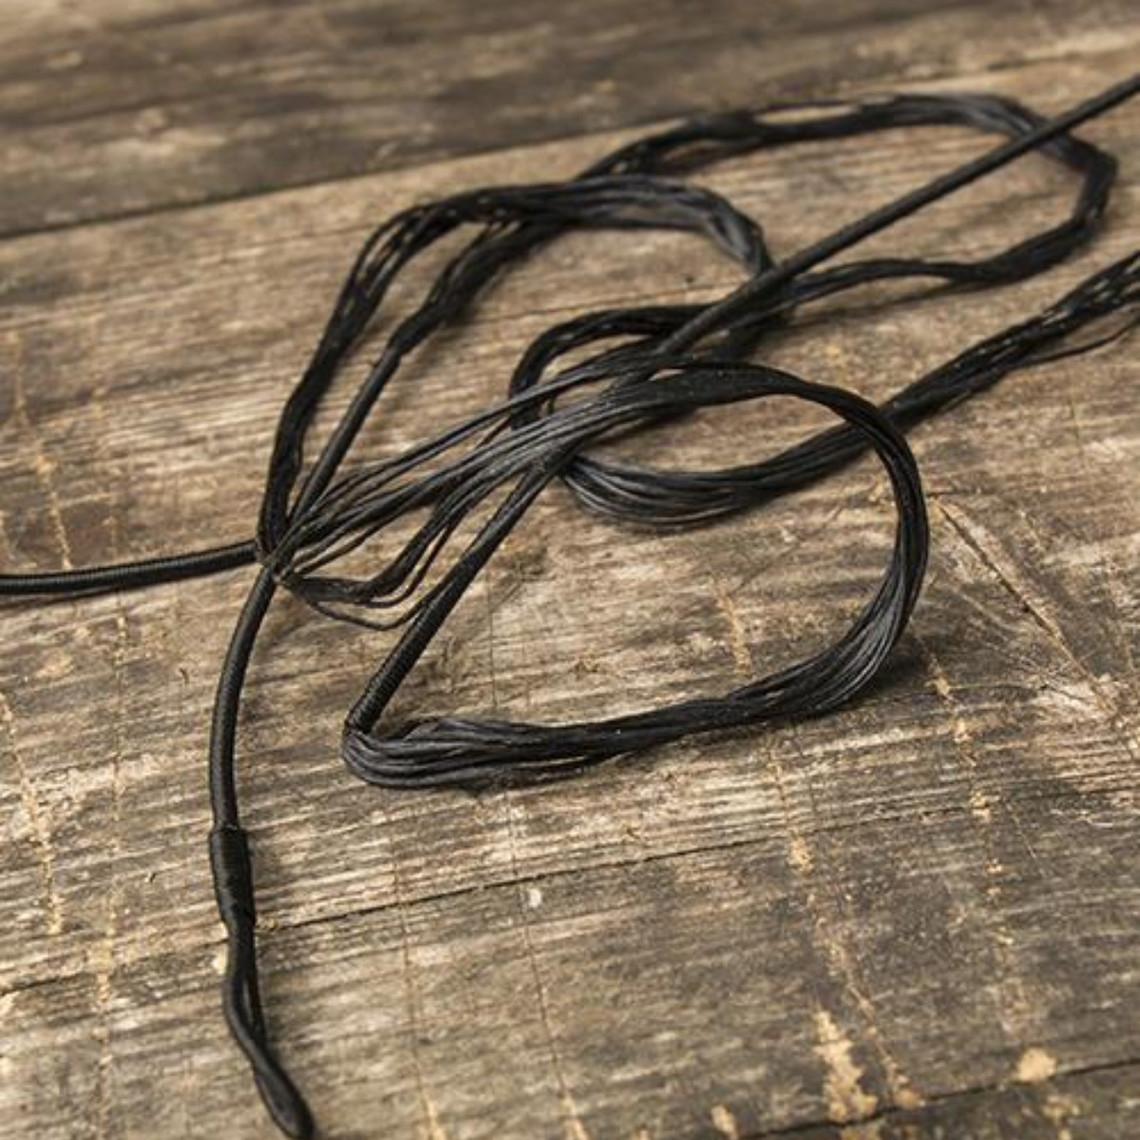 Epic Armoury Cuerda de arco para Recurve arcos Squire 96 cm